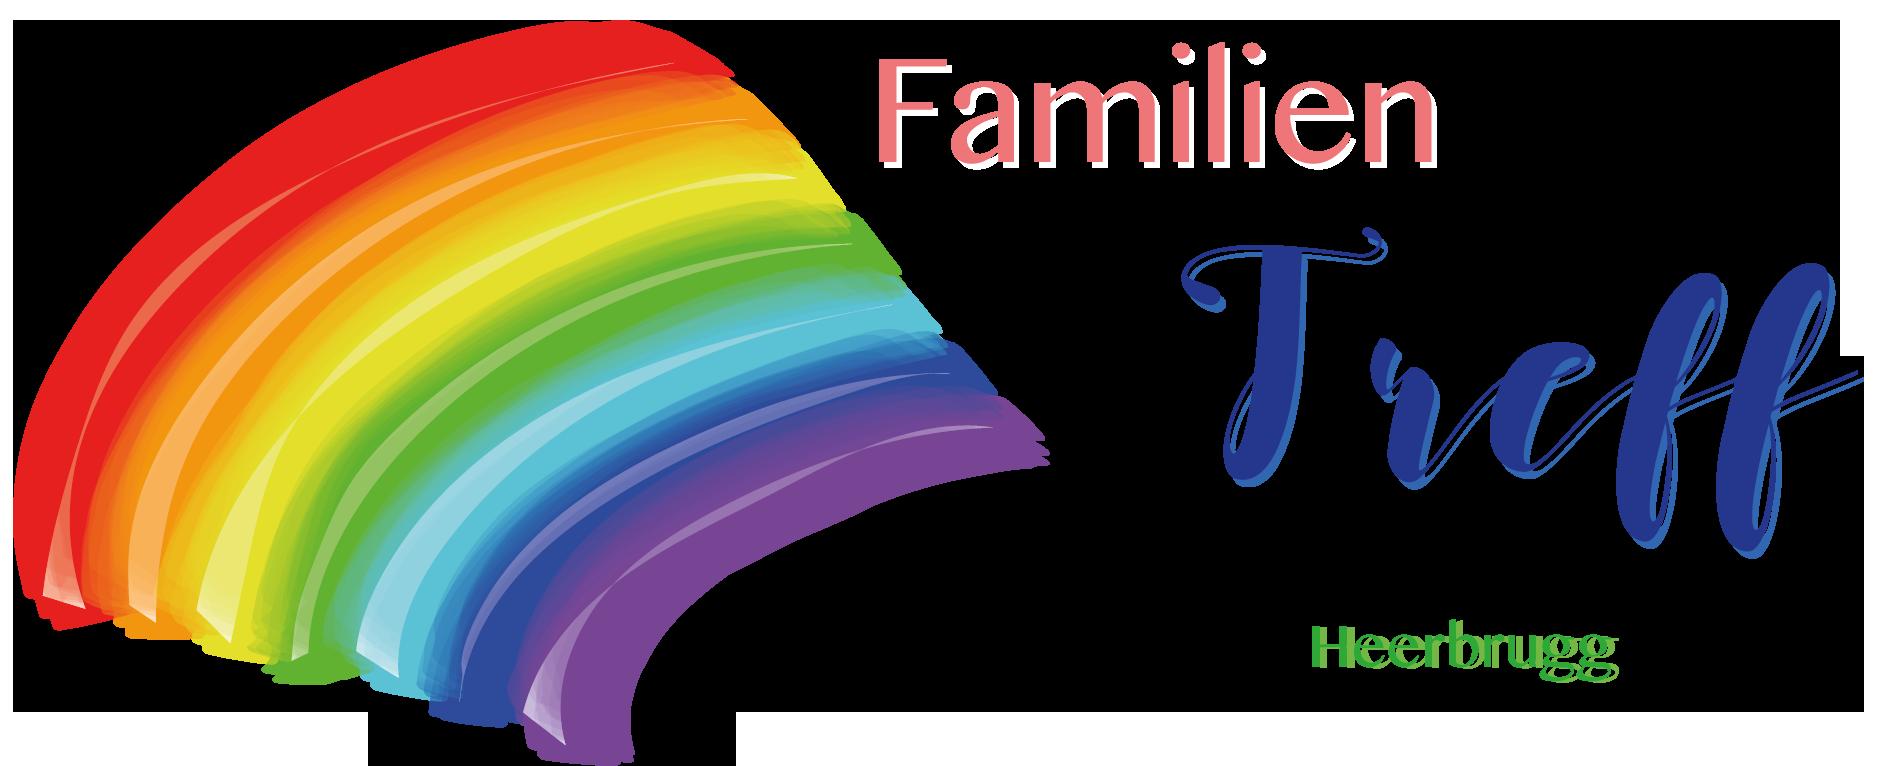 Familientreff Heerbrugg